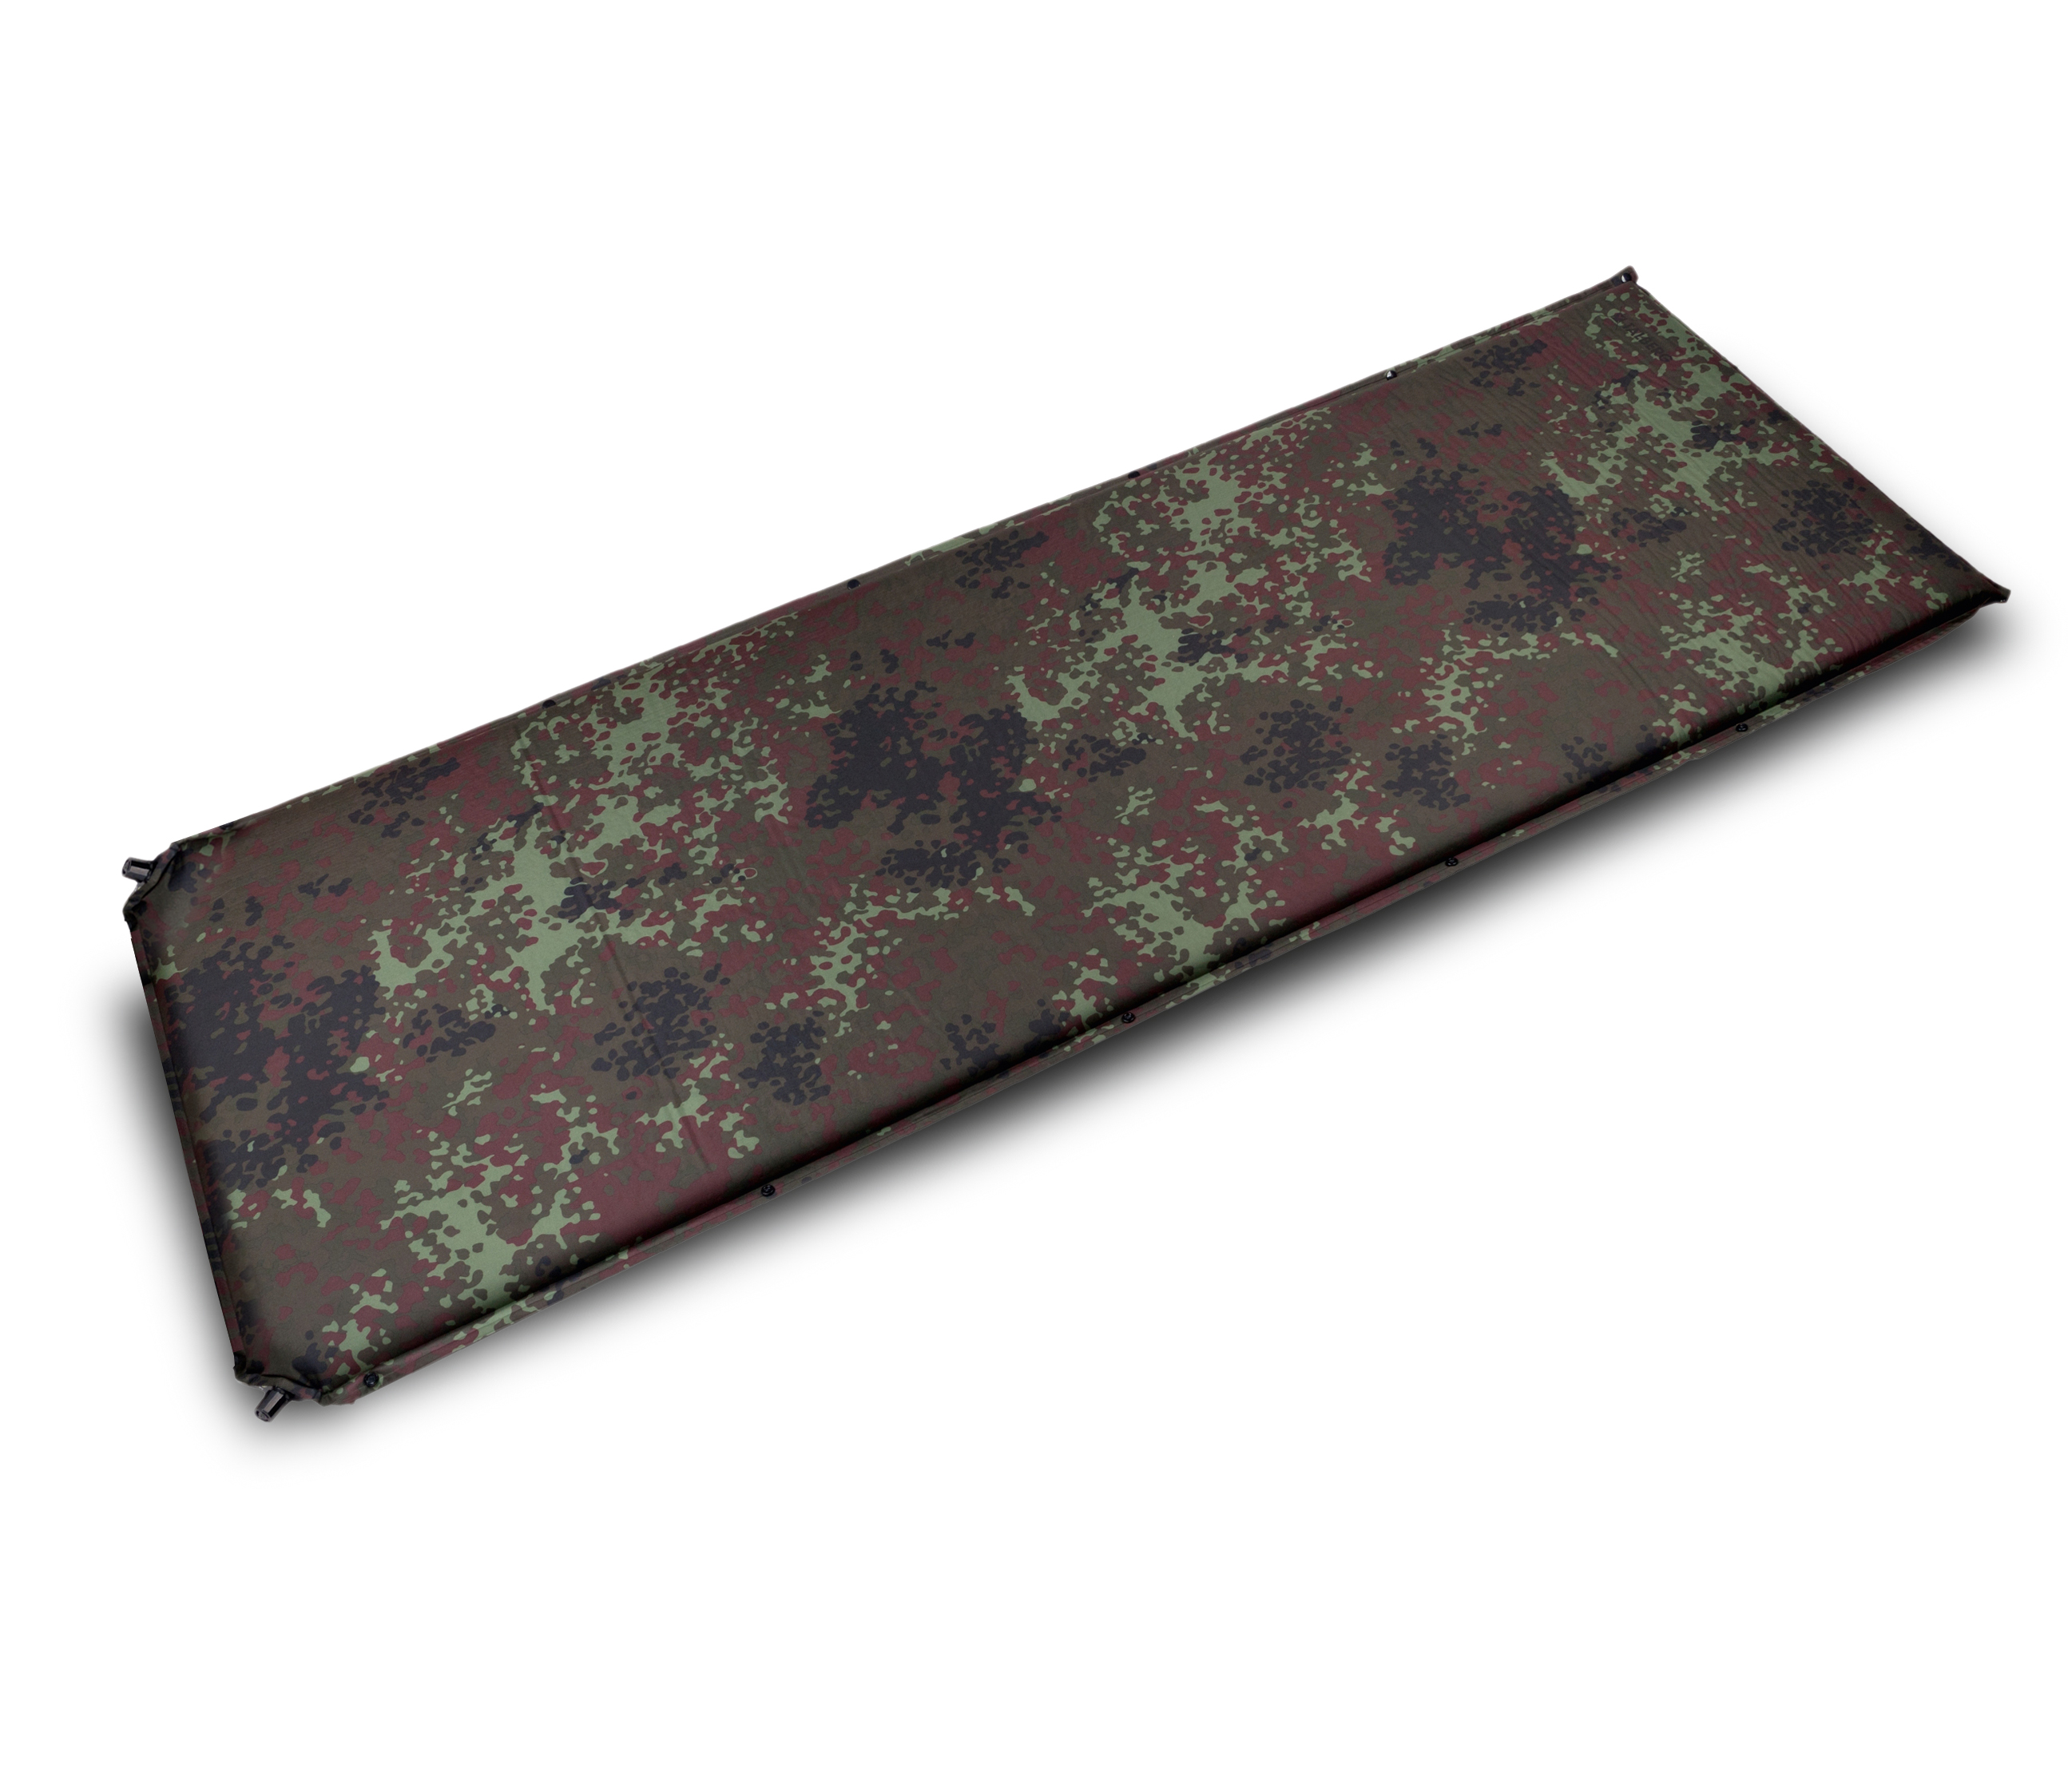 FOREST BIG MAT самонадувающиеся коврики (190x66x7 см, камуфляж)